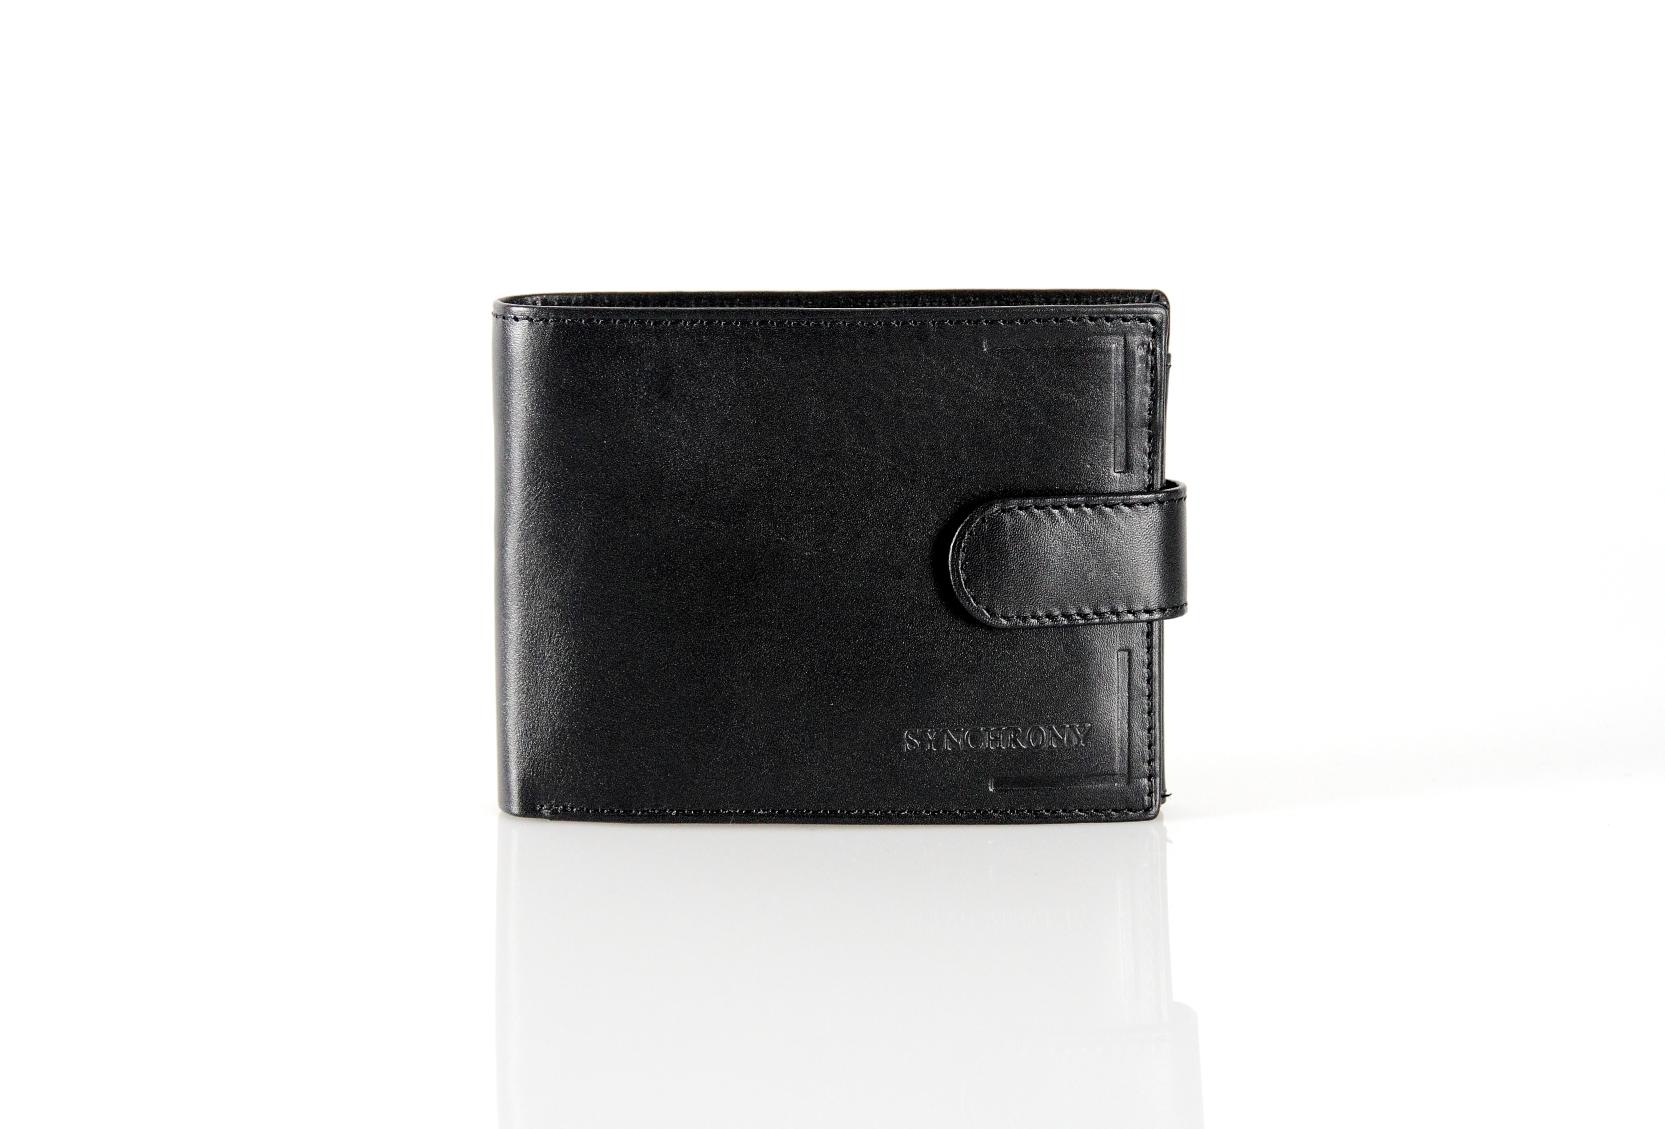 Synchrony valódi bőr férfi pénztárca díszdobozban - Férfi pénztárcák -  Etáska - minőségi táska webáruház hatalmas választékkal 4a1bd97255